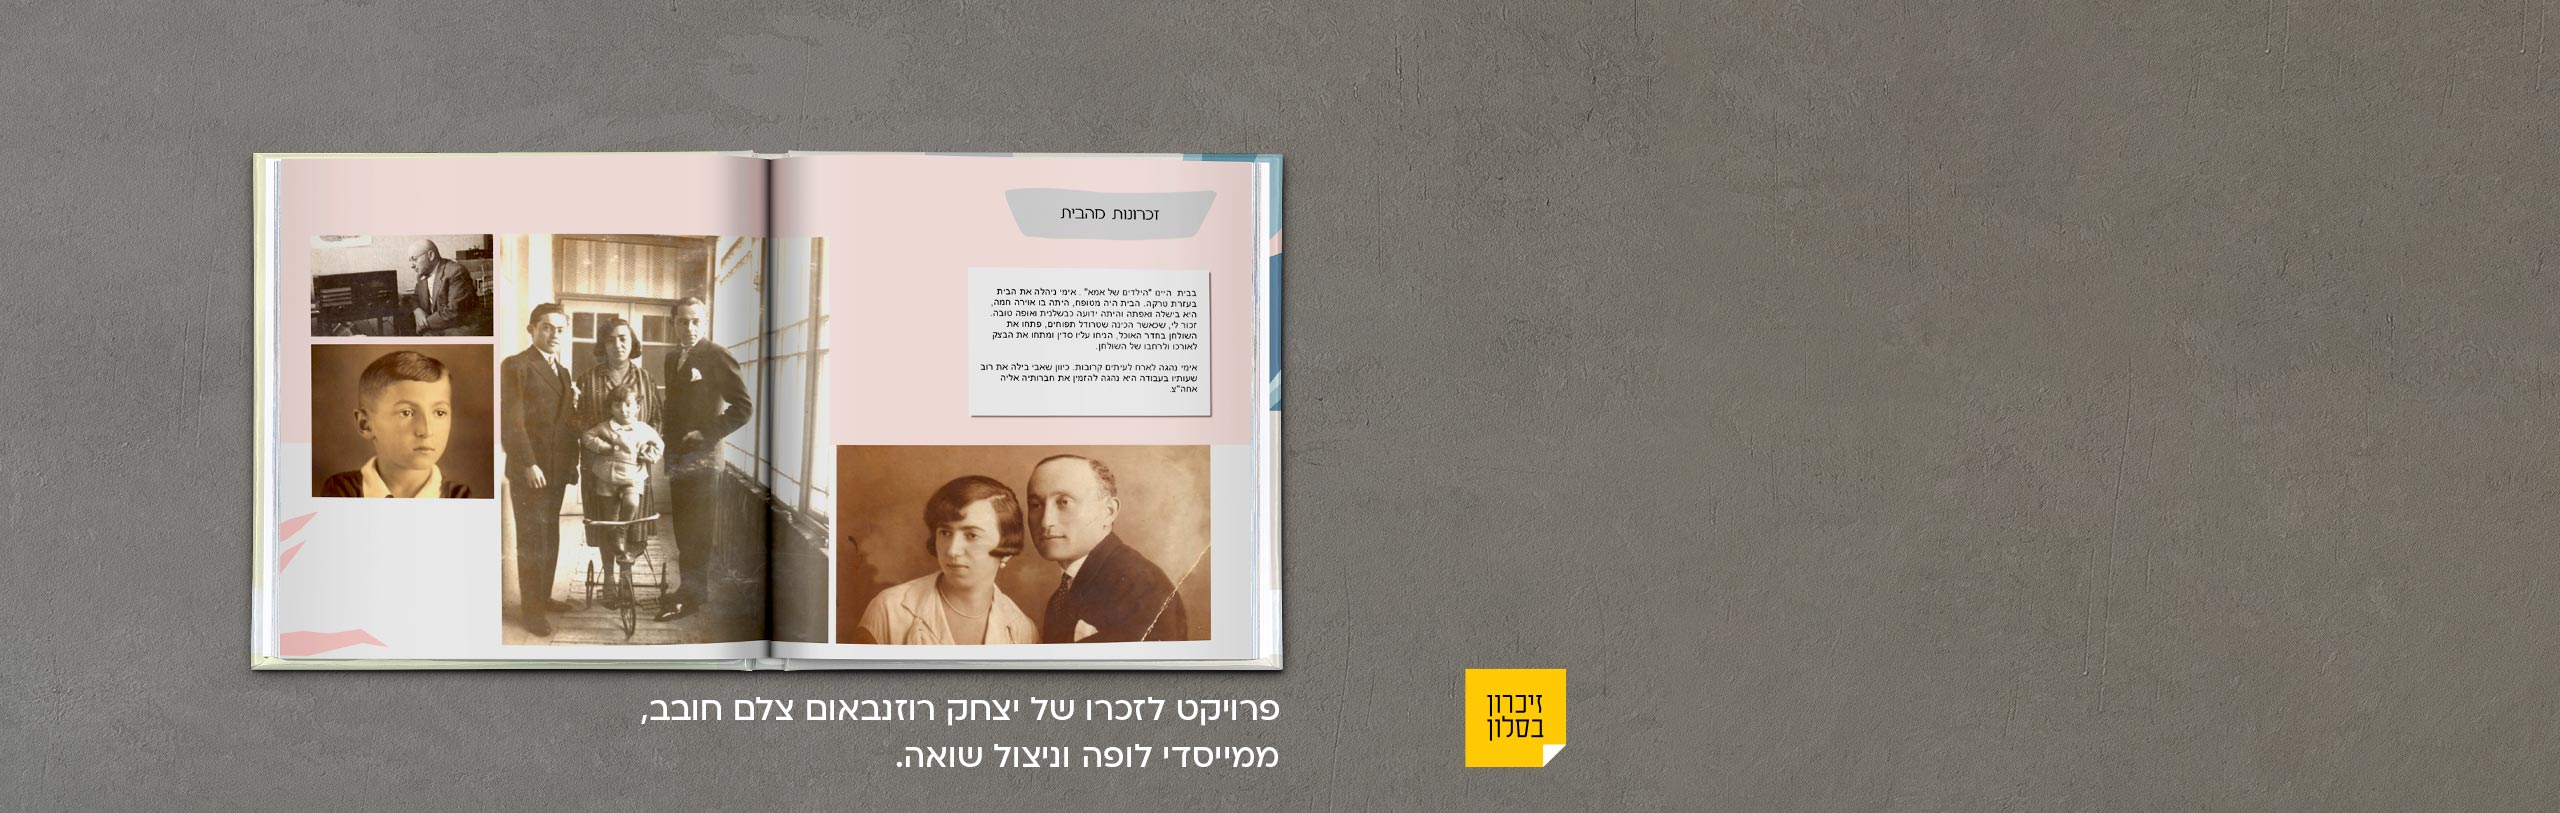 פרויקט ספר זיכרון השואה